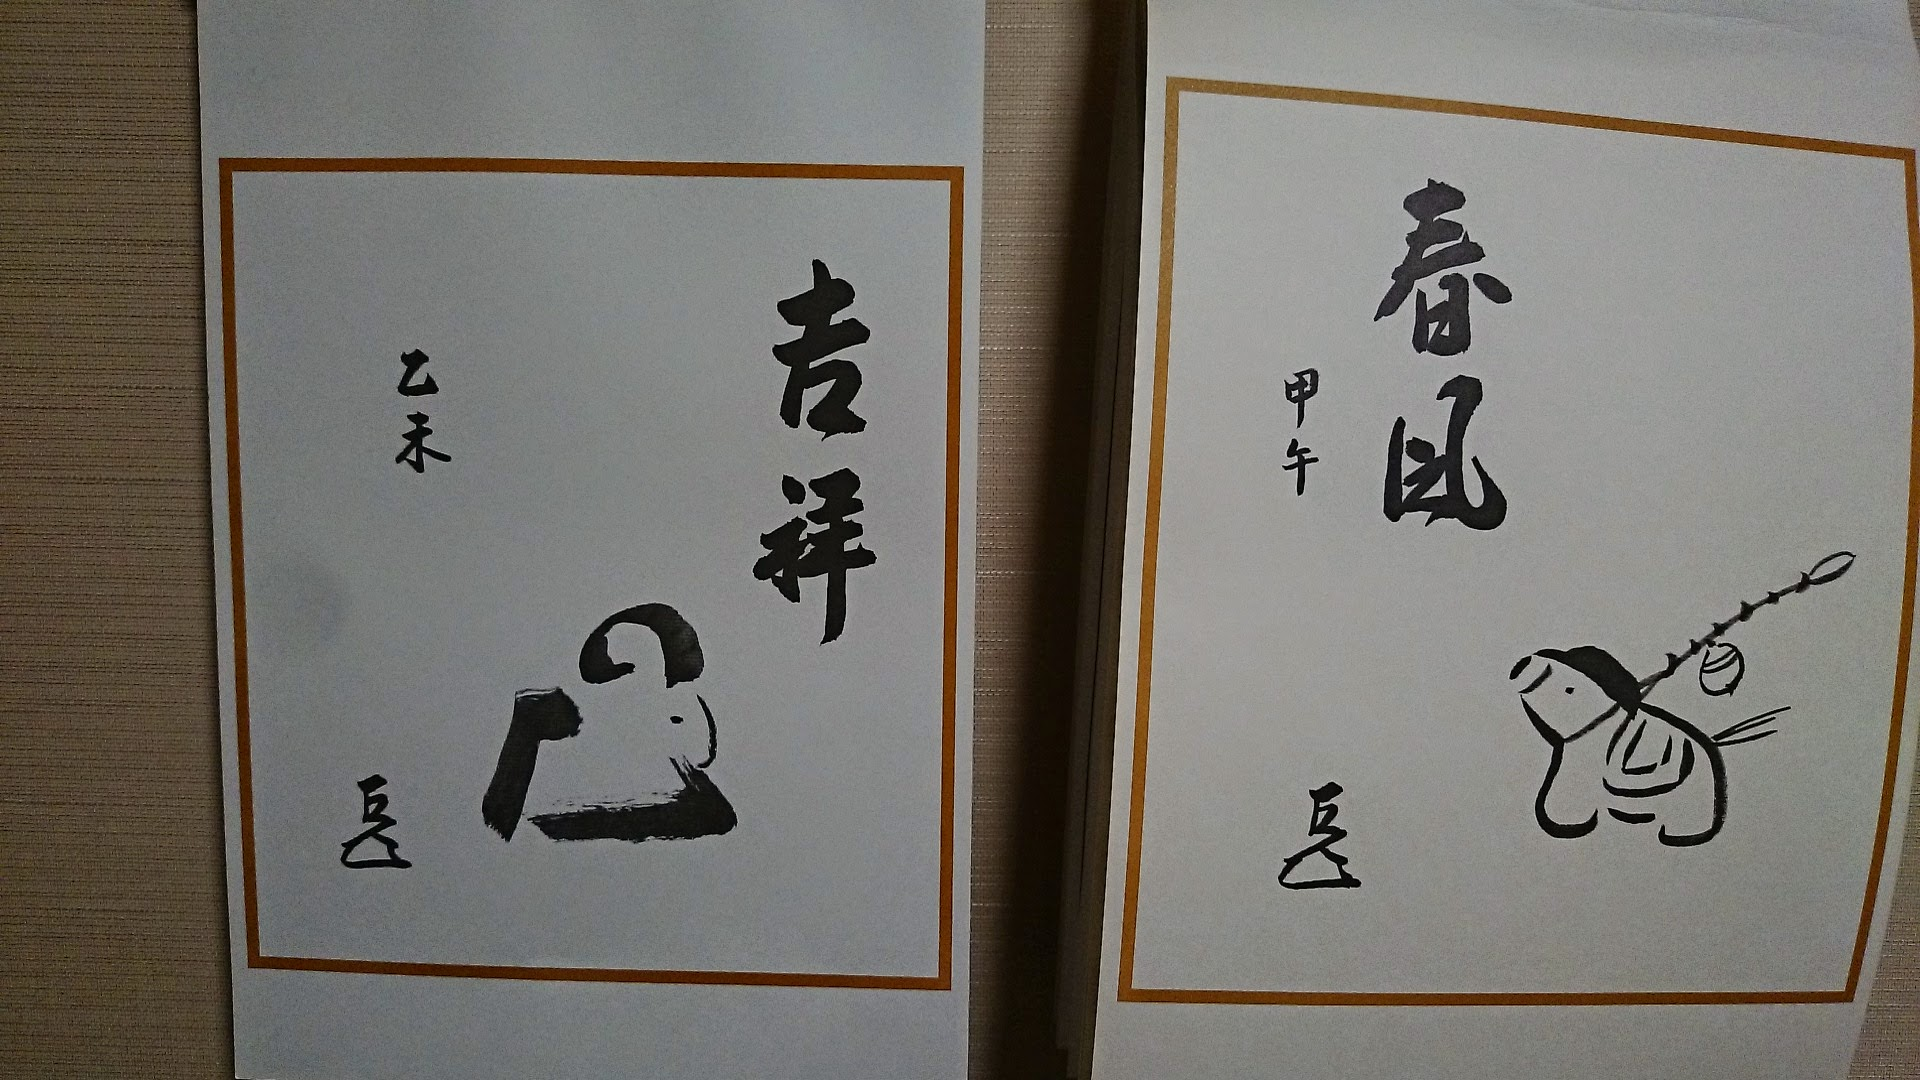 2015年も奈良の庭師 風人園をよろしくお願い申し上げます。